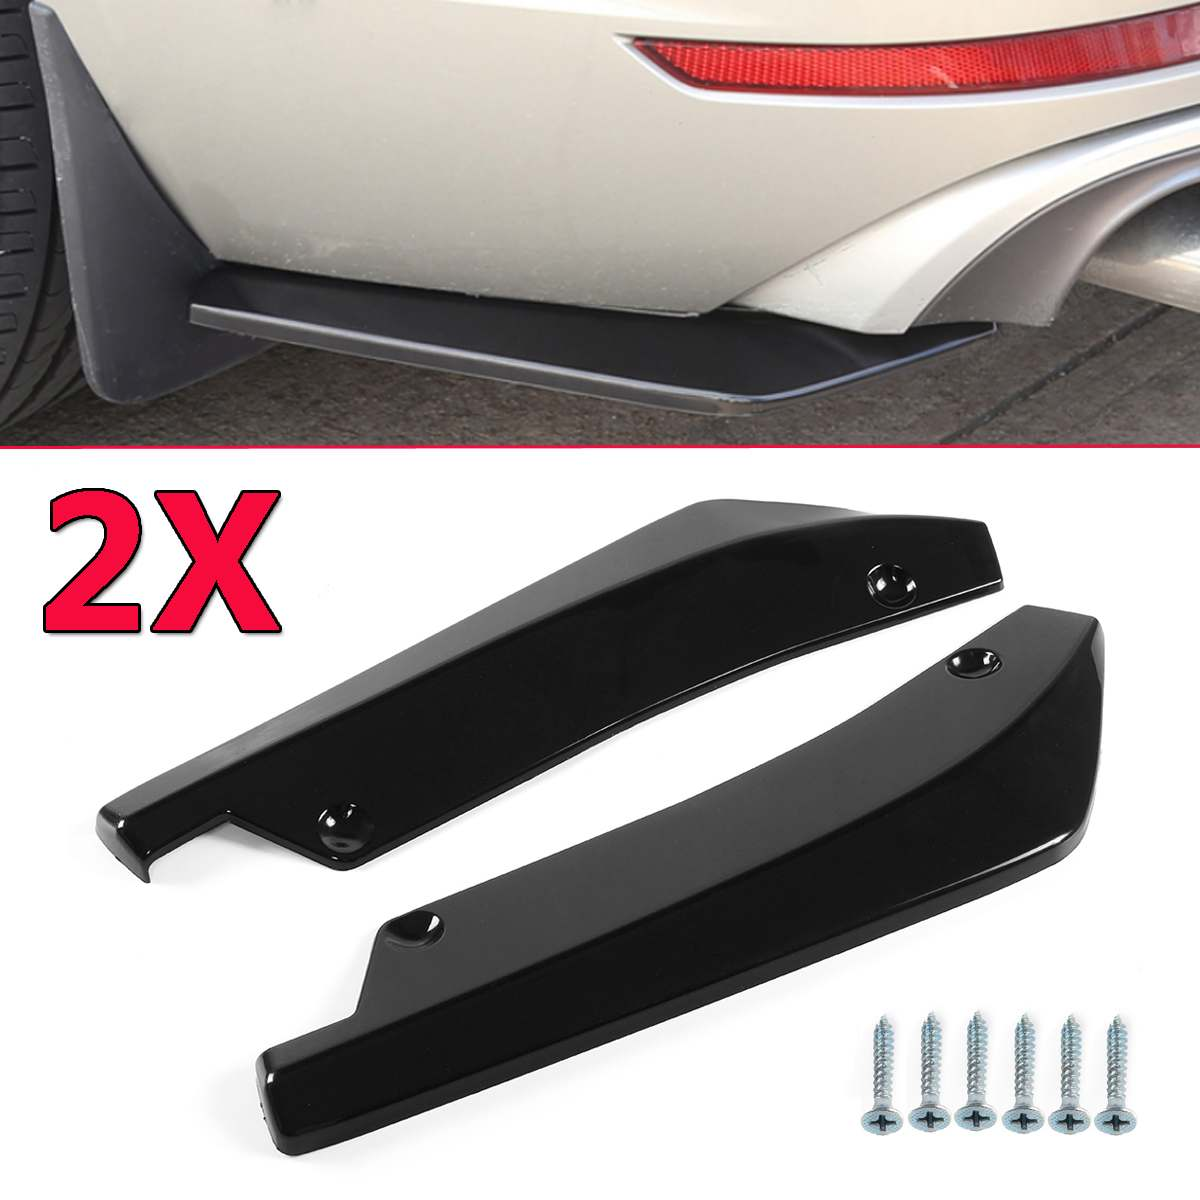 2 adet evrensel karbon Fiber bakır/siyah araba arka ÖN TAMPON difüzör Splitter Canard Spoiler koruyucu için BMW için Benz ford için